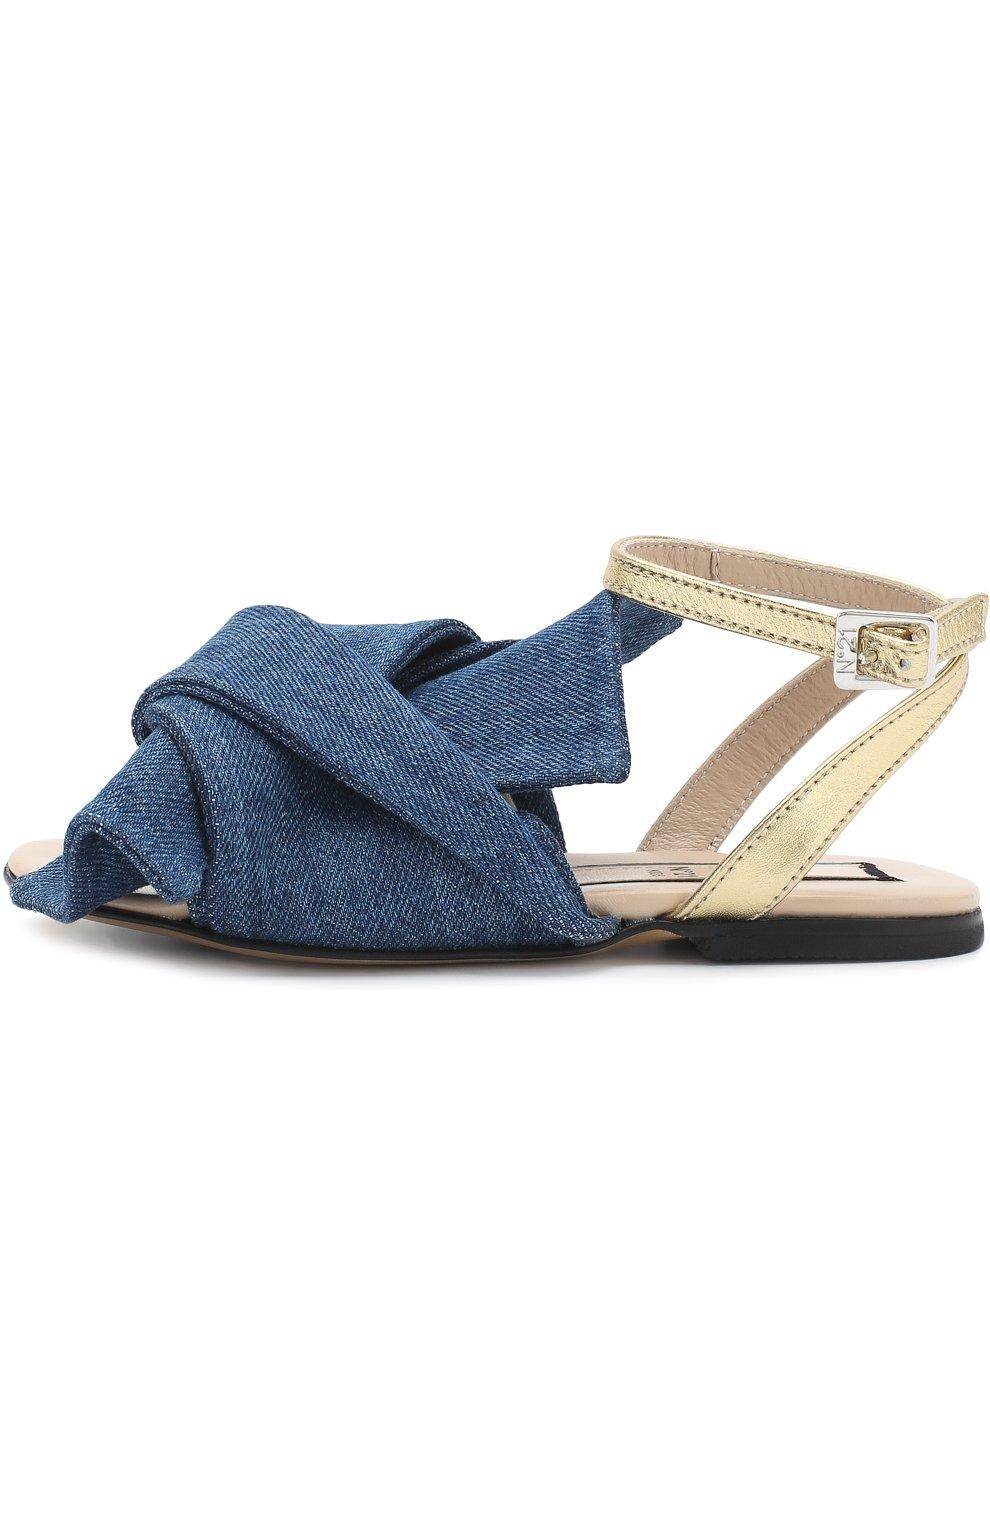 Детские текстильные сандалии с кожаным ремешком и бантом NO. 21 синего цвета, арт. 54606/28-35 | Фото 2